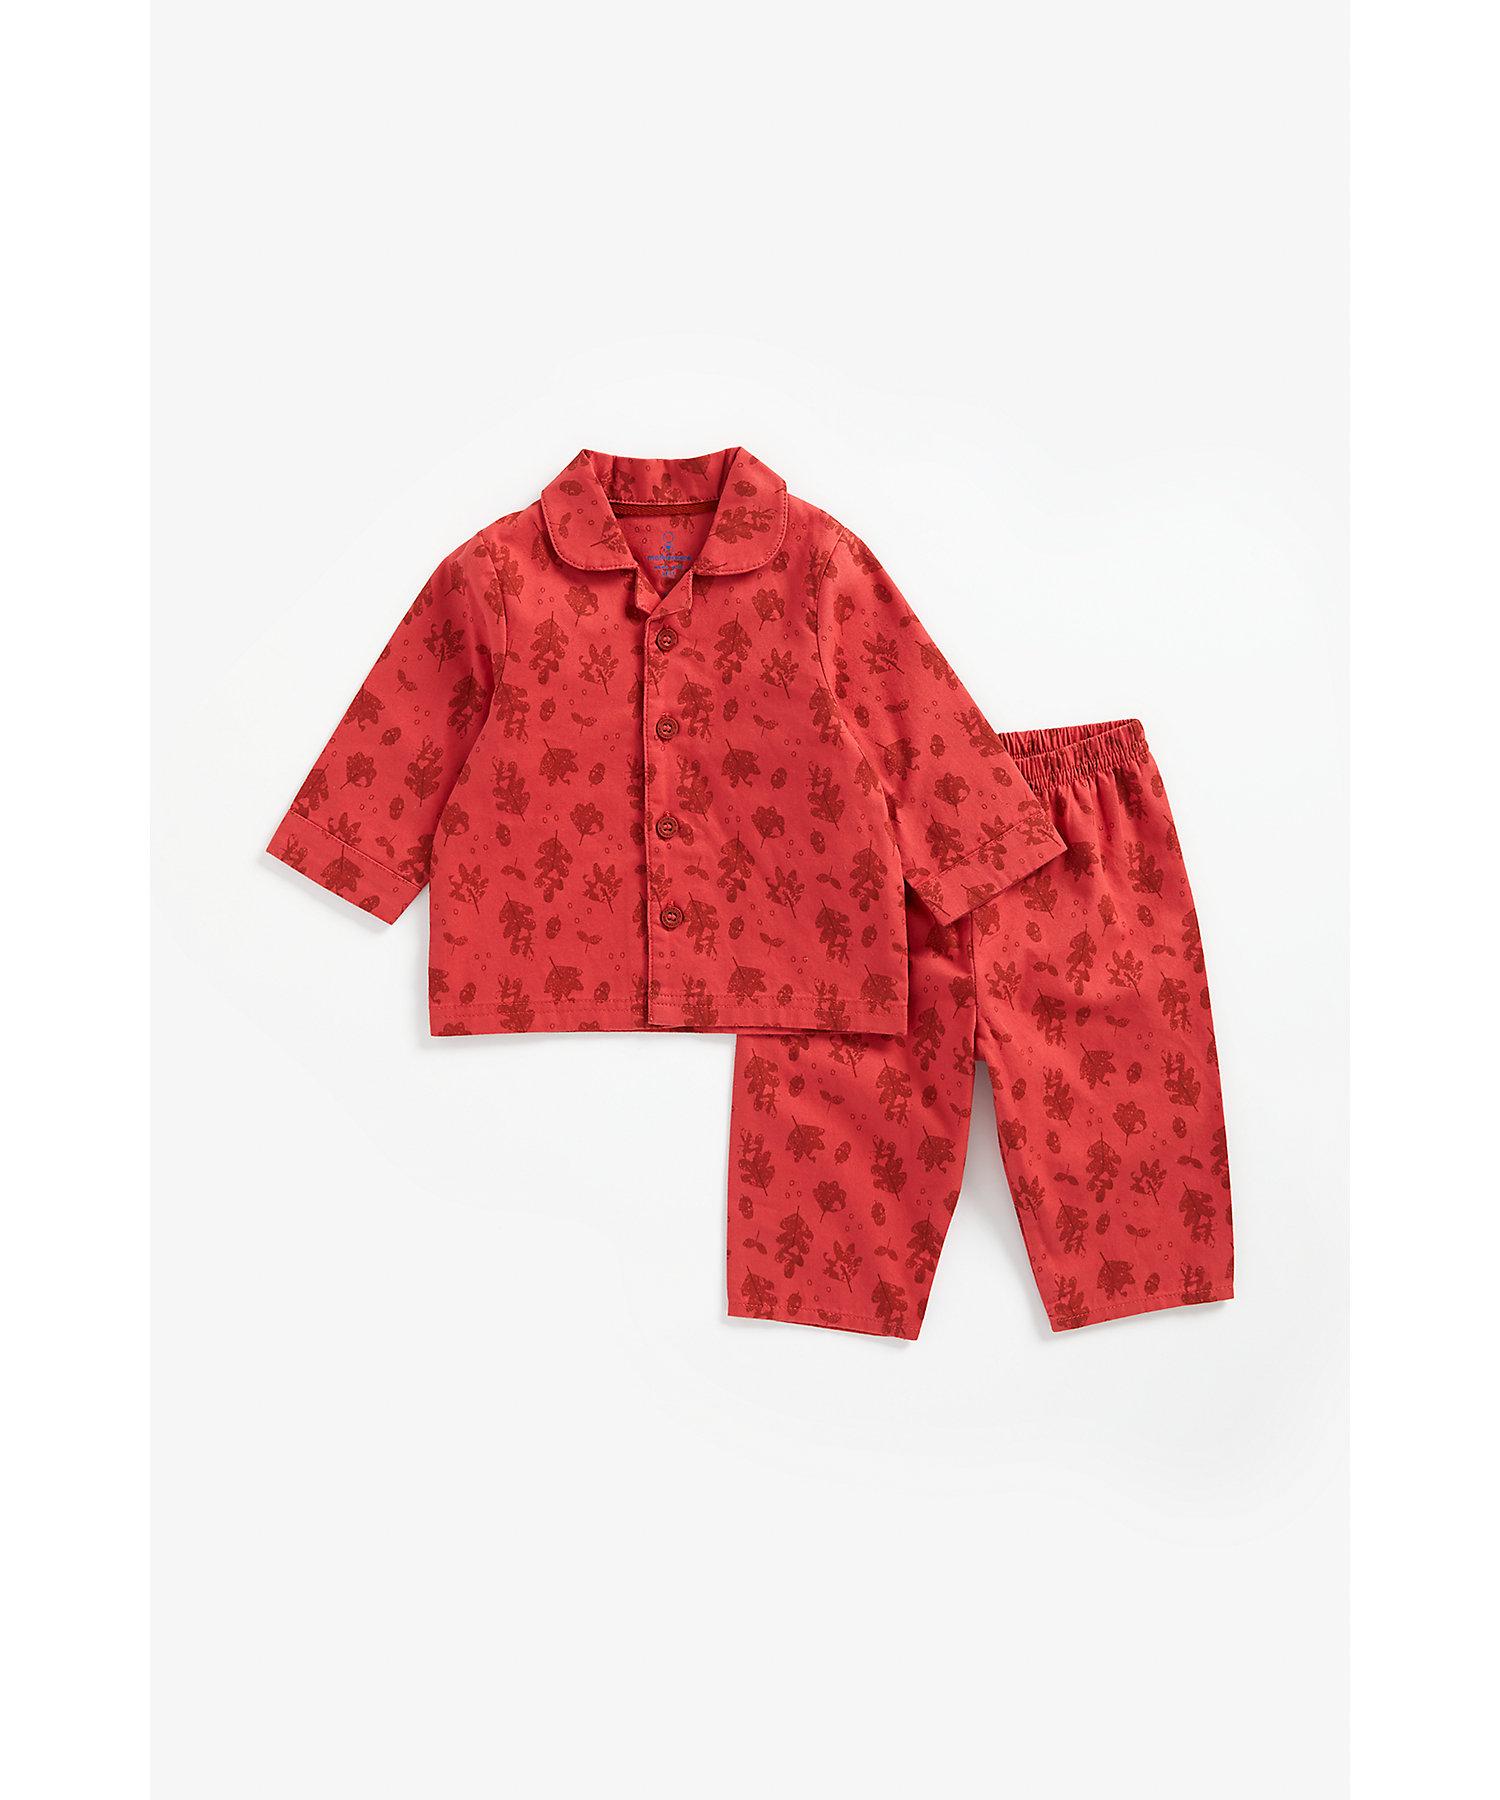 Mothercare | Boys Full Sleeves Pyjama Set Leaf Print - Red